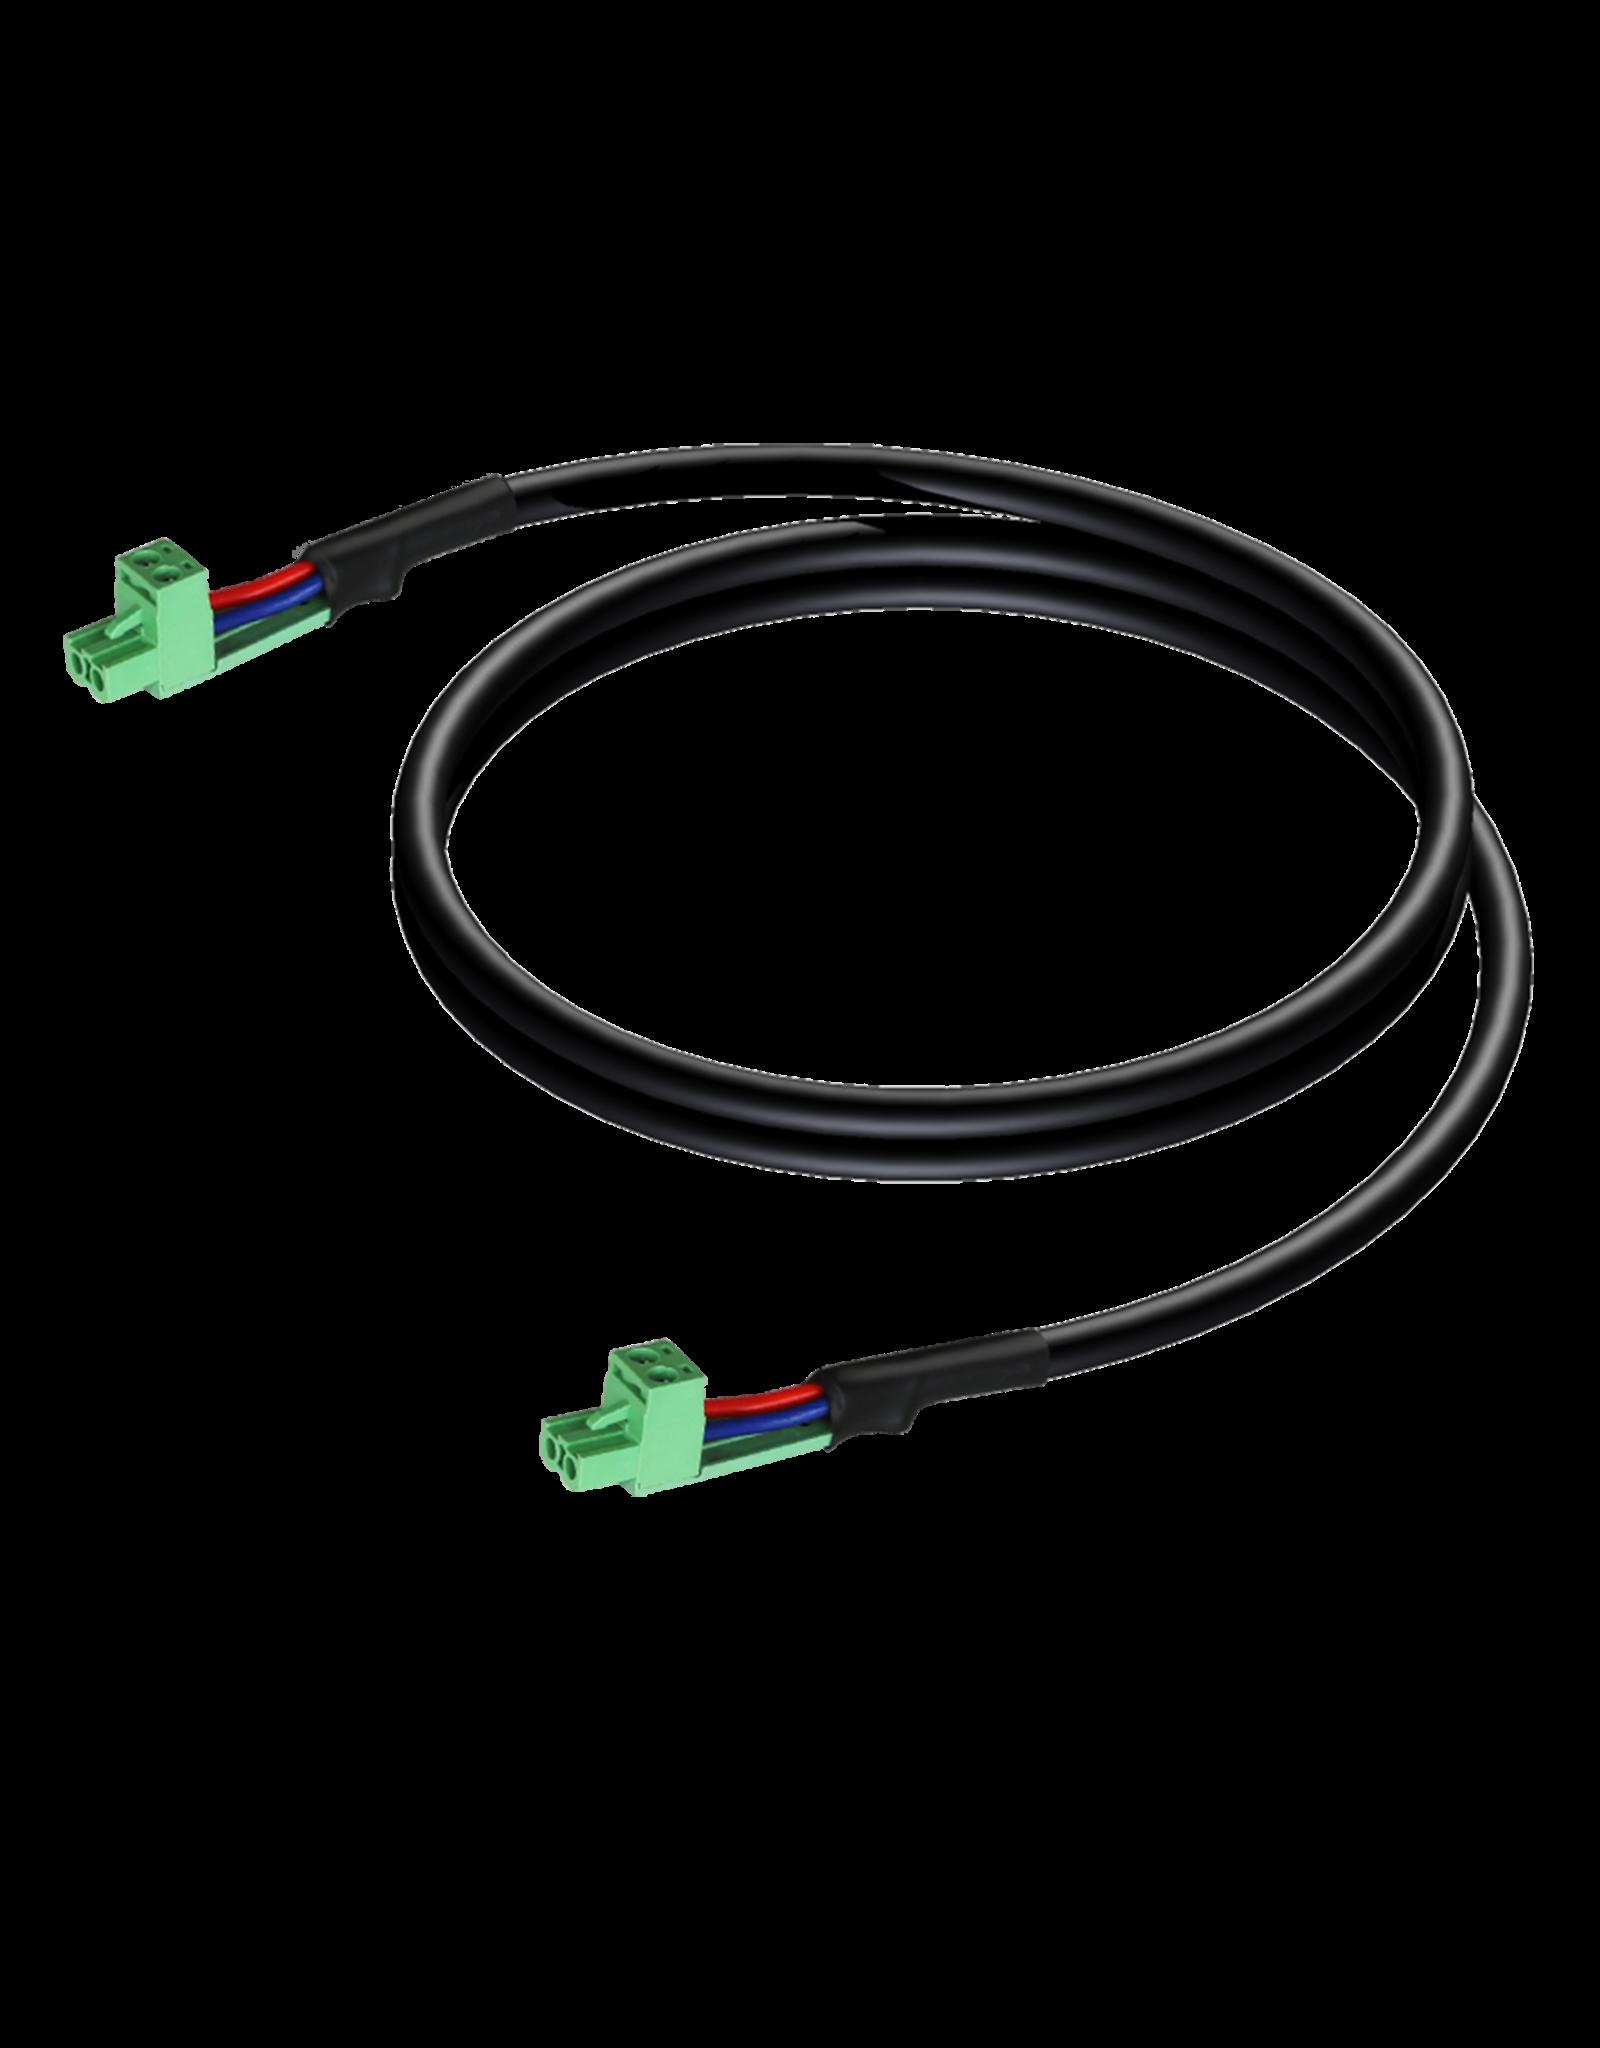 Audac Loudspeaker cable - terminal block - terminal block (2p - 5.08mm) 0,5 meter